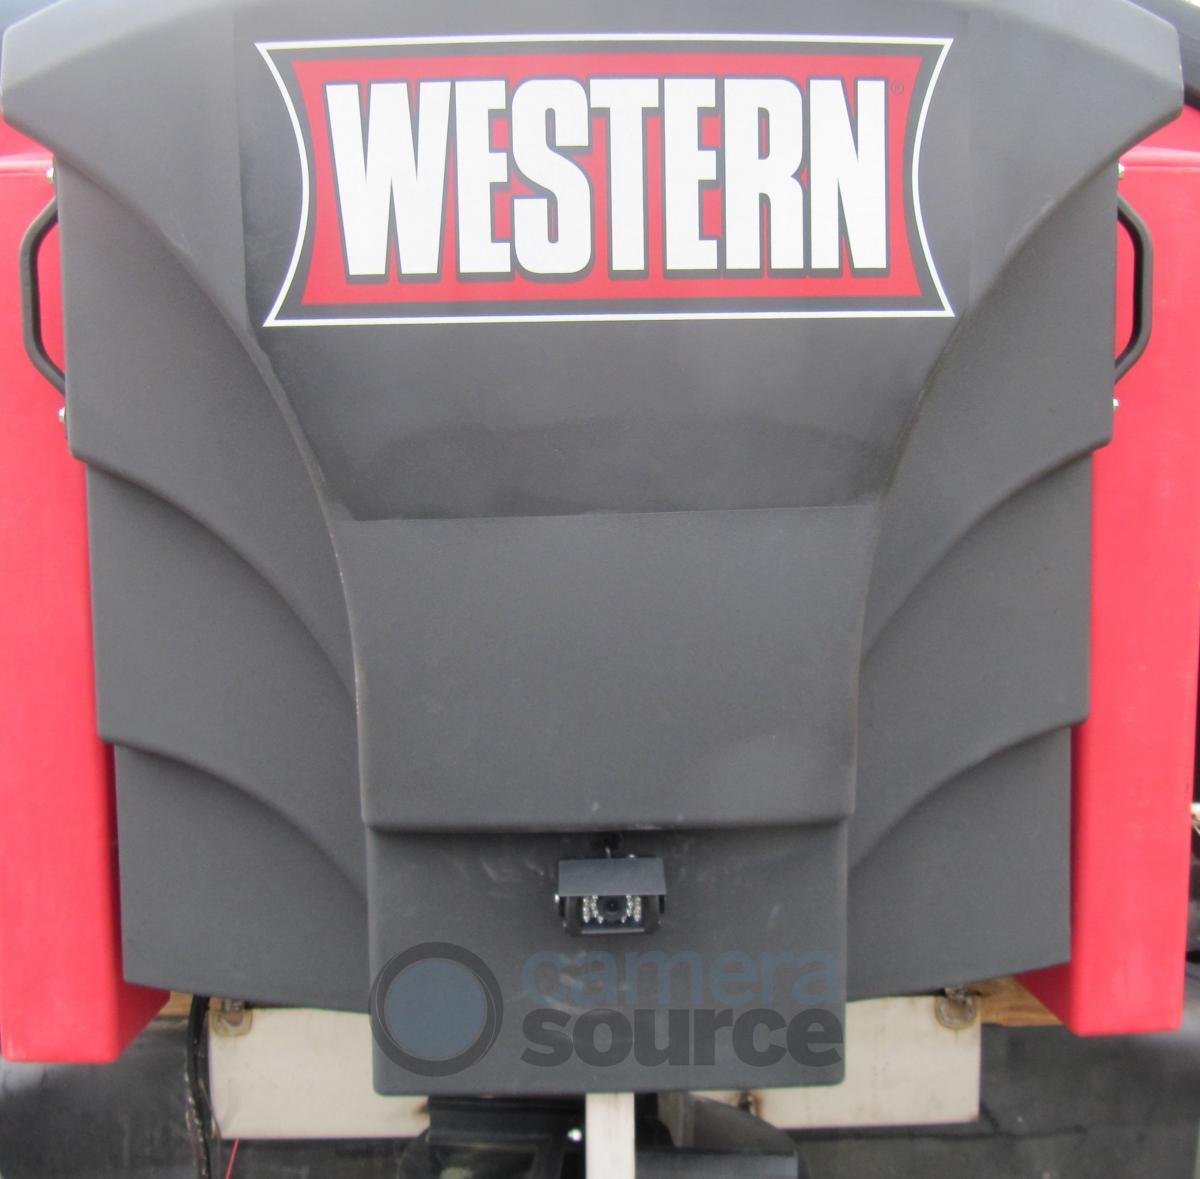 2010 2013 Gm Truck Salt Spreader Camper Camera Kit Evi